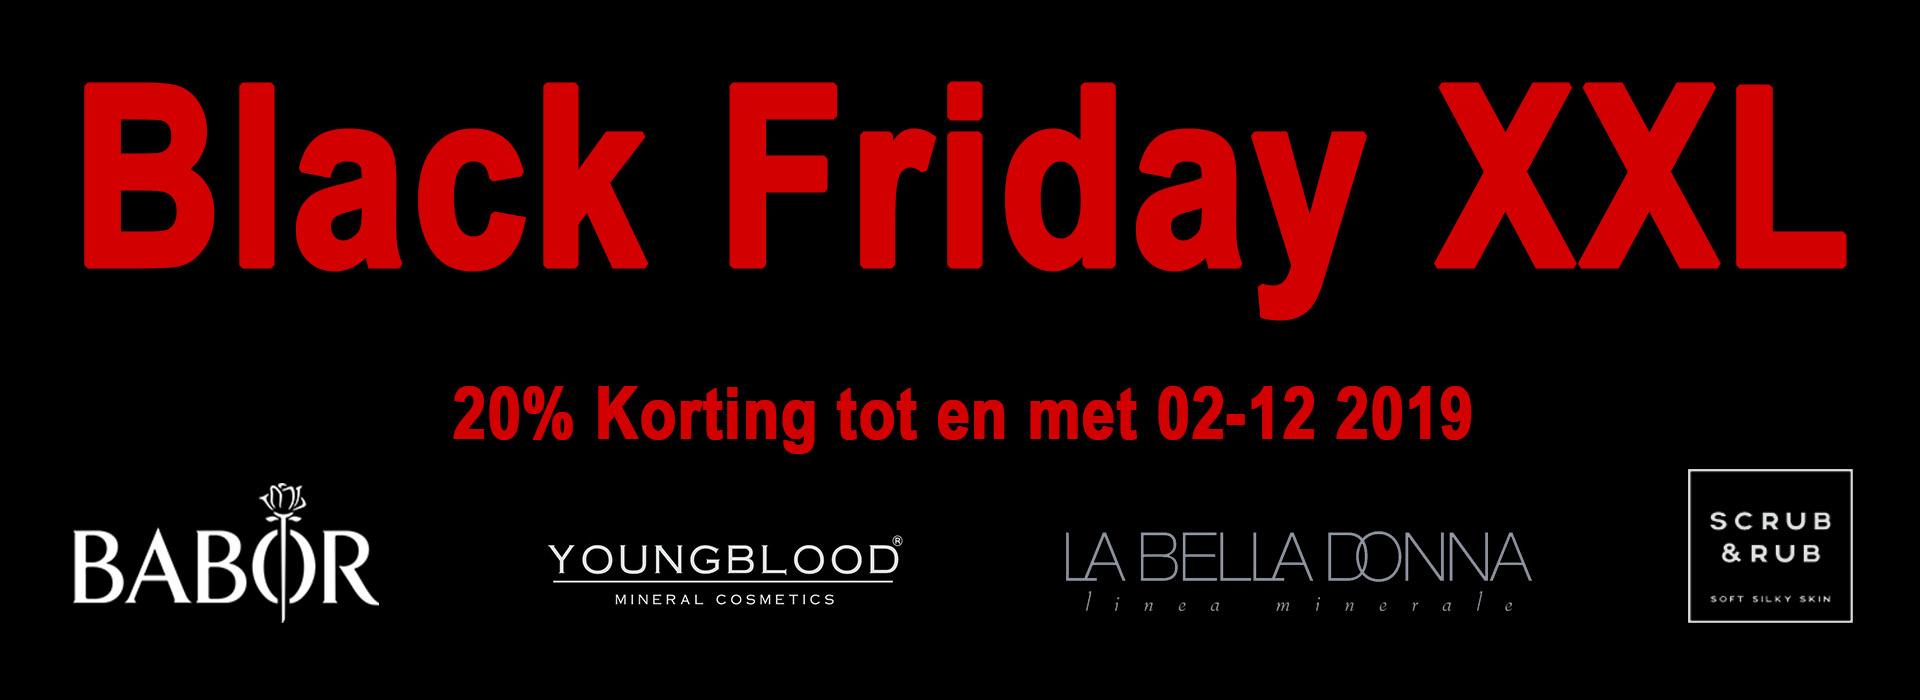 Black Friday XXL 20% Korting